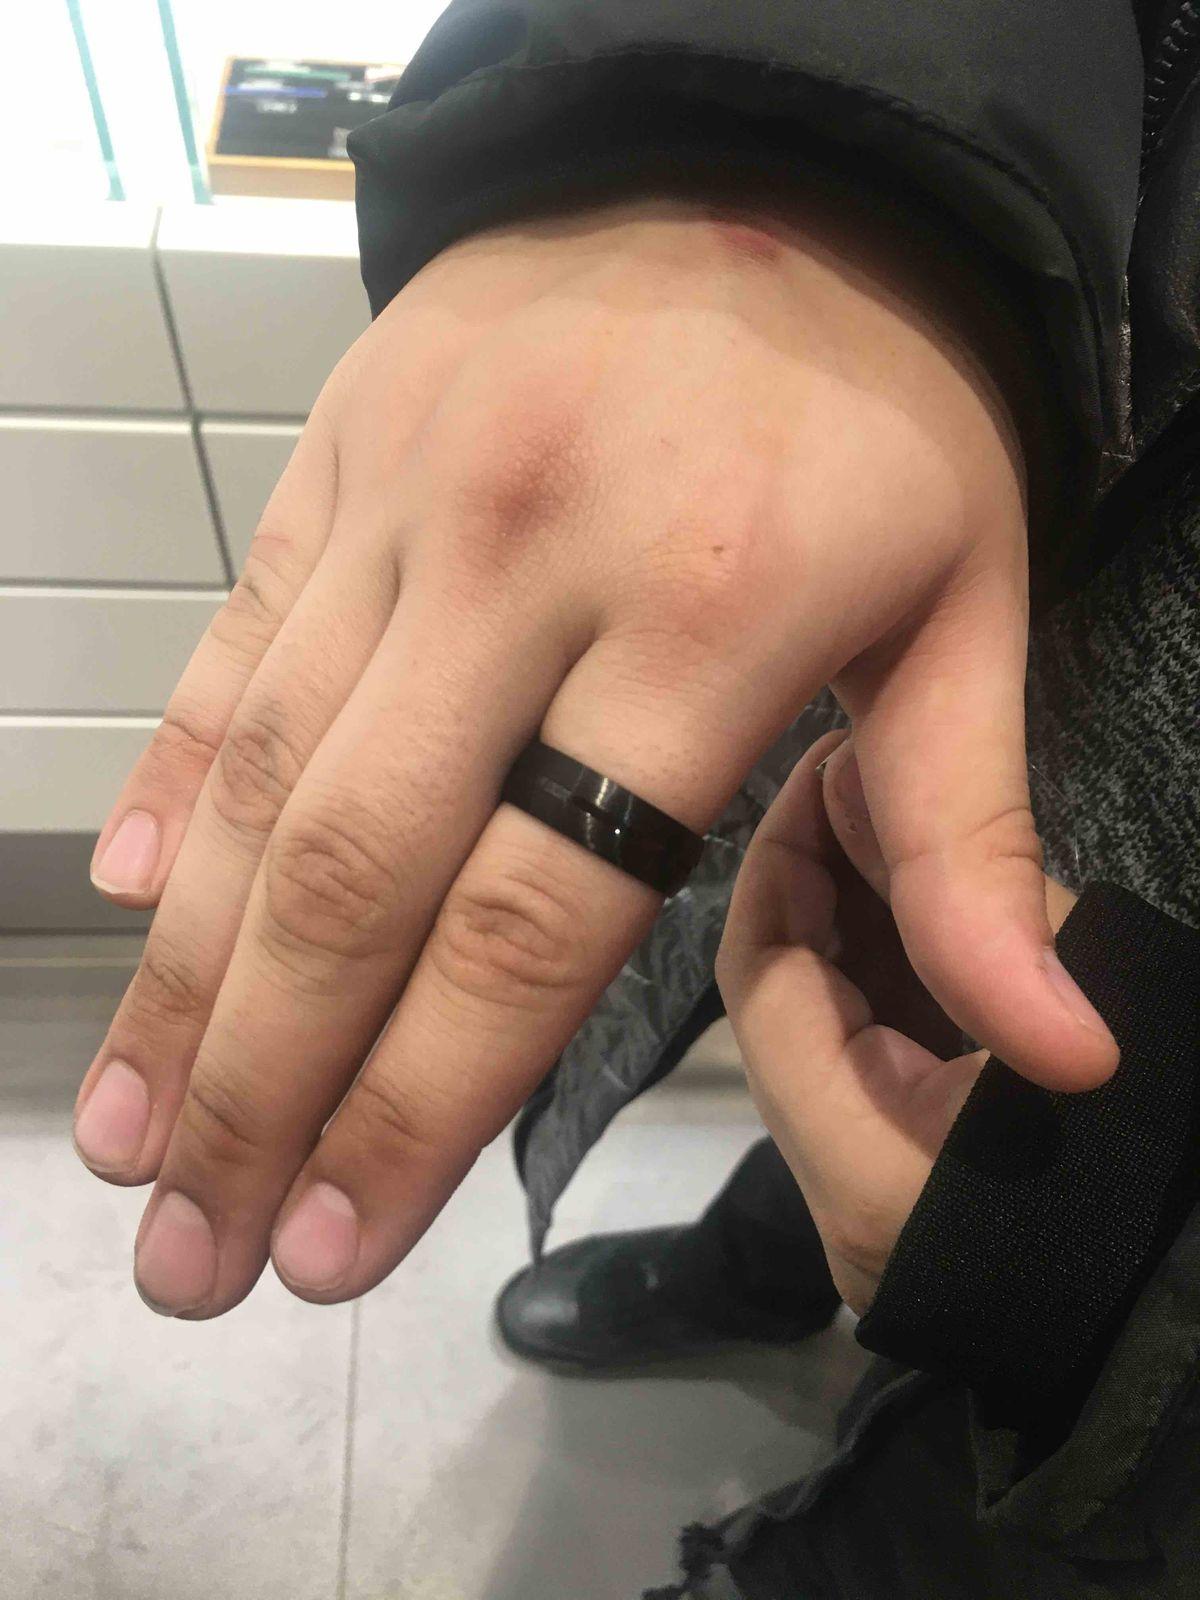 Супер, очень красивое кольцо!